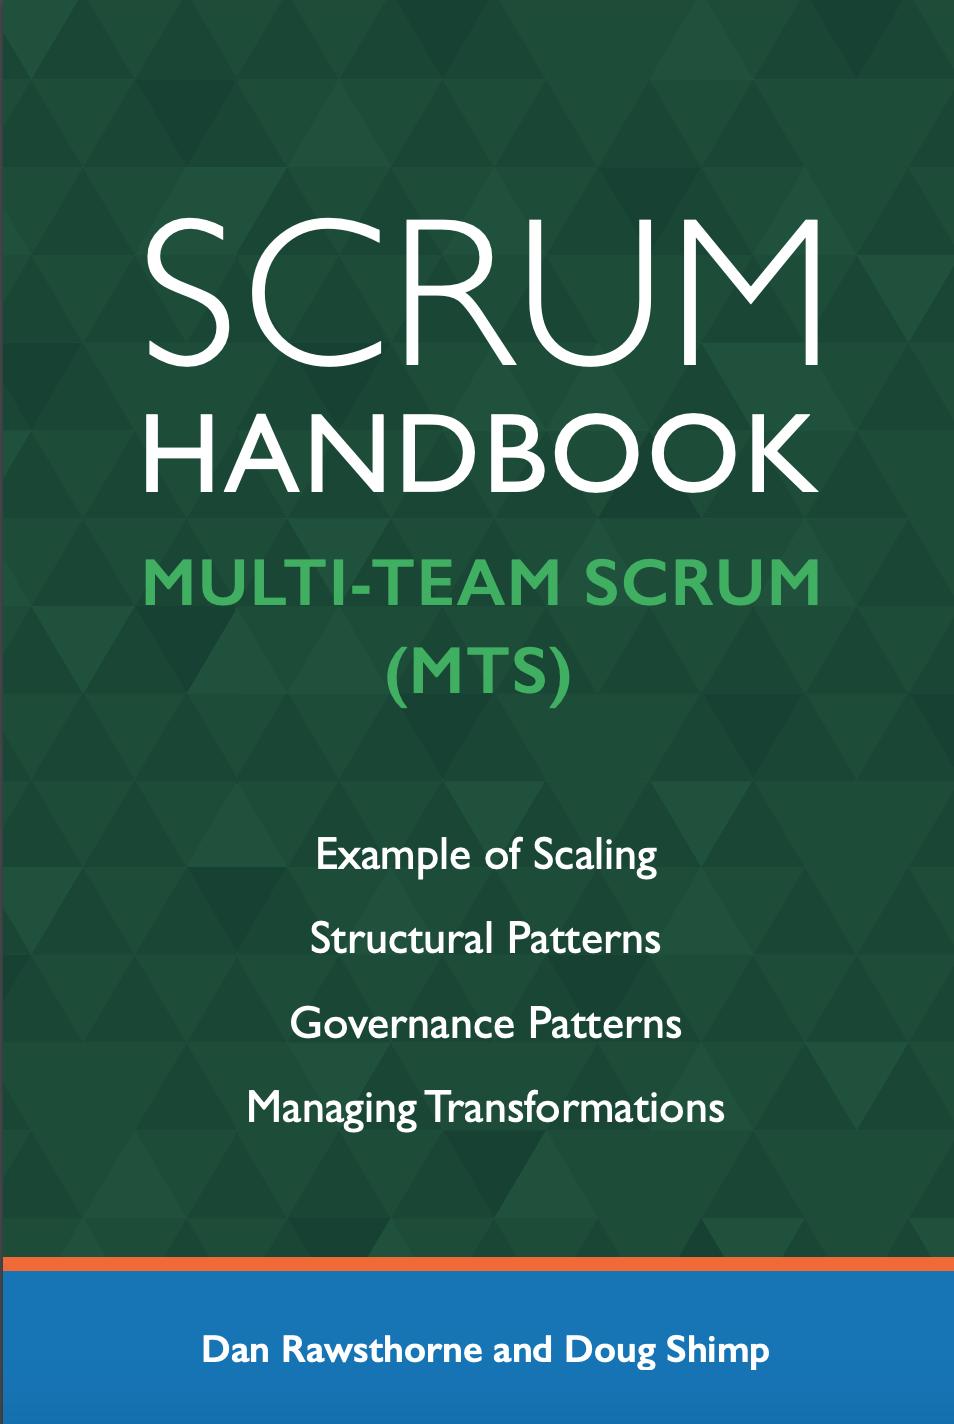 Scrum Handbook MTS